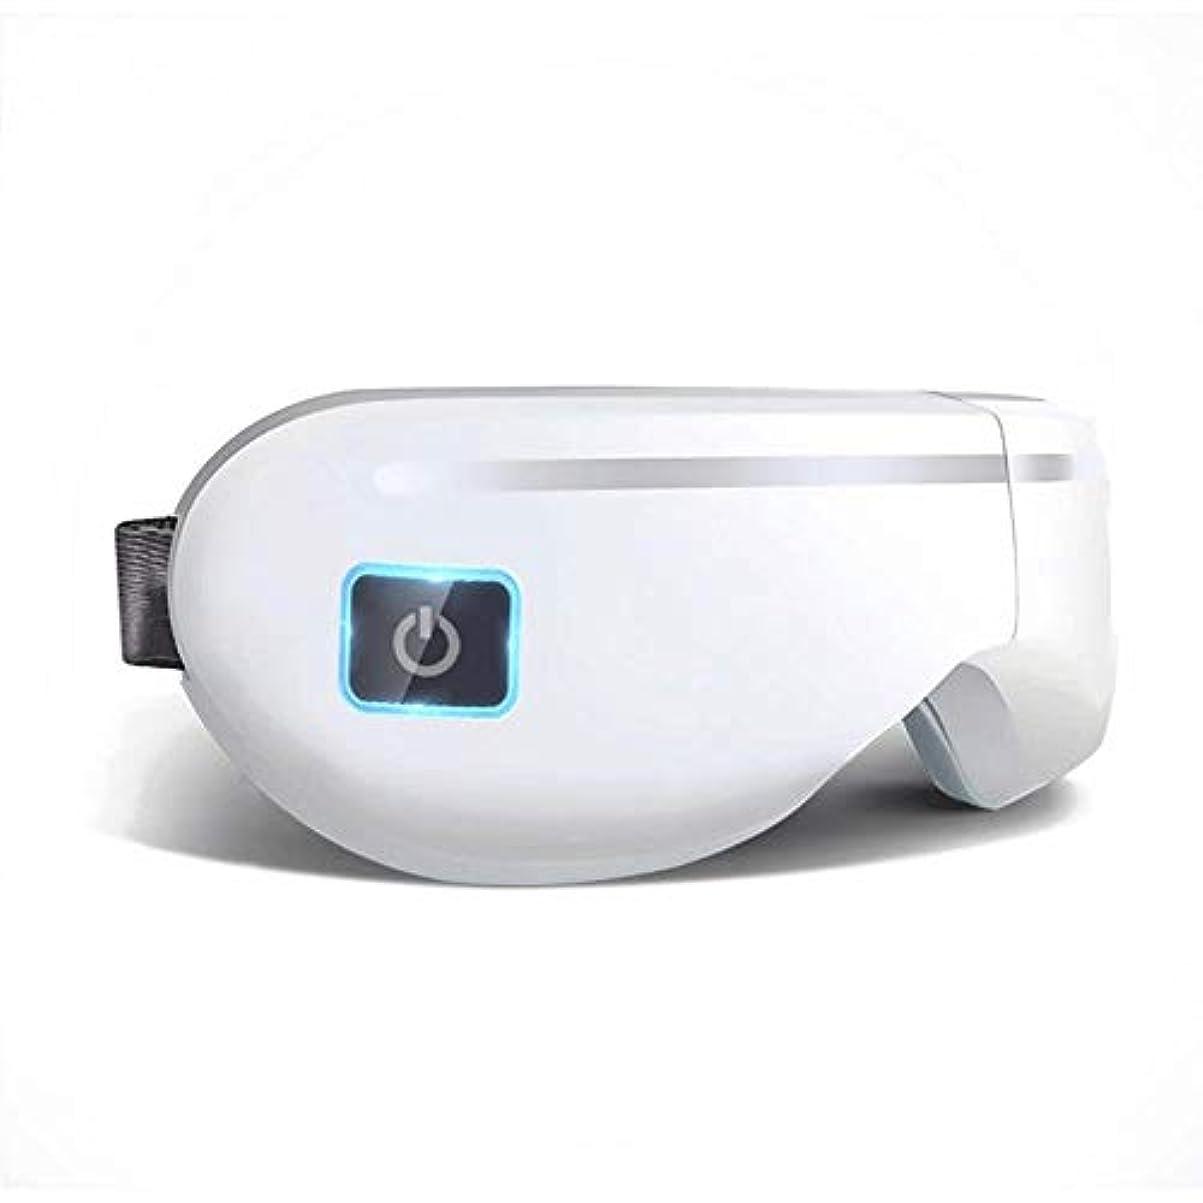 メトリックインレイ支店JJYPY 空気圧の目および寺院のマッサージャー目のマッサージャー振動マッサージ音楽赤外線熱療法ポータブル機能は目袋を払いのける